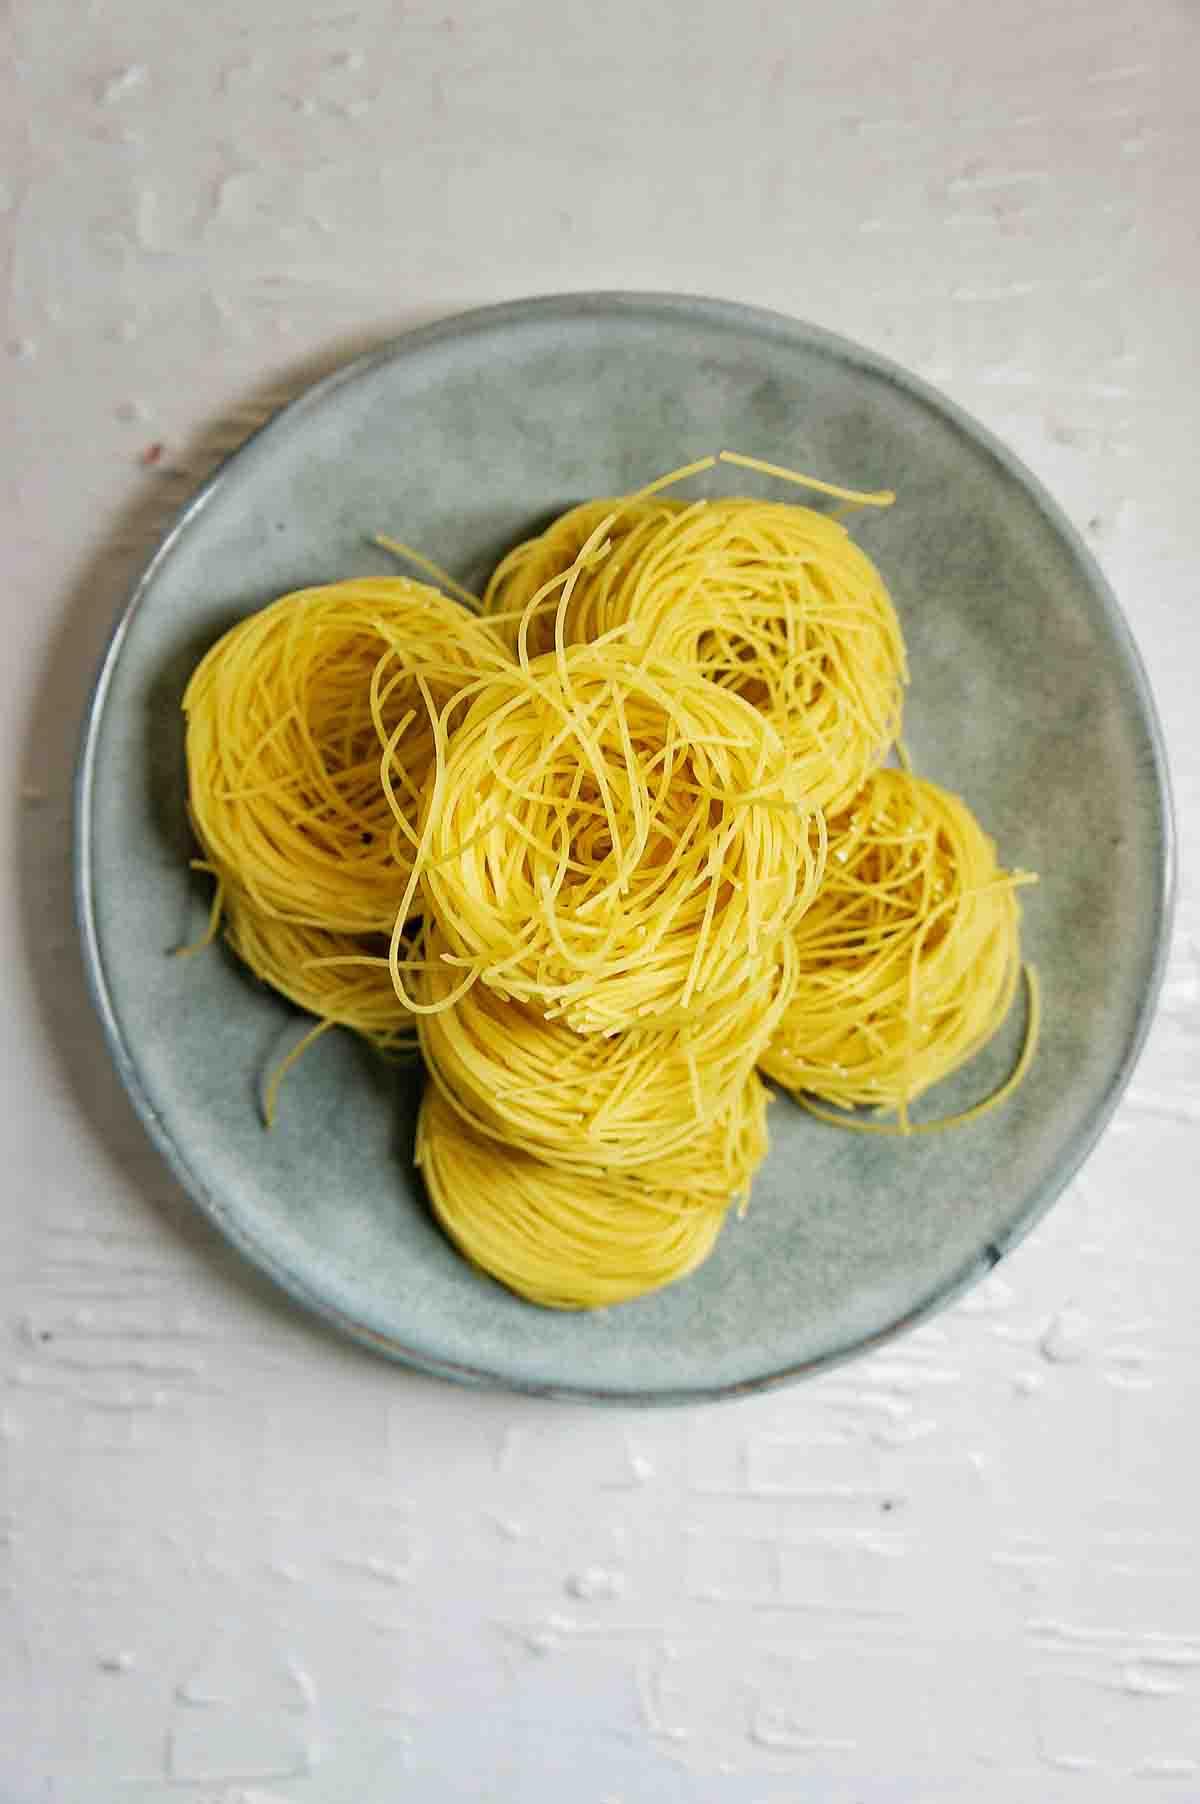 Tuna Spaghetti dry pasta